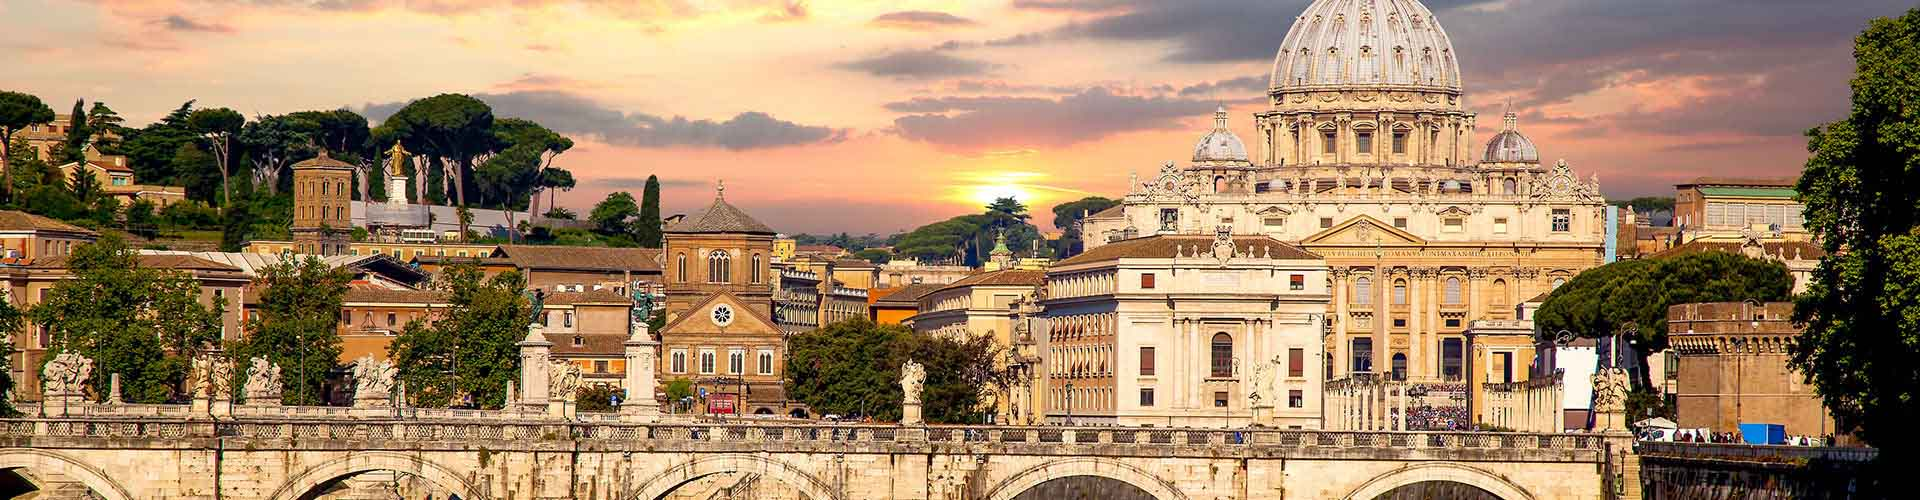 Rome - Hôtels dans le quartier de San Lorenzo. Cartes pour Rome, photos et commentaires pour chaque hôtel à Rome.